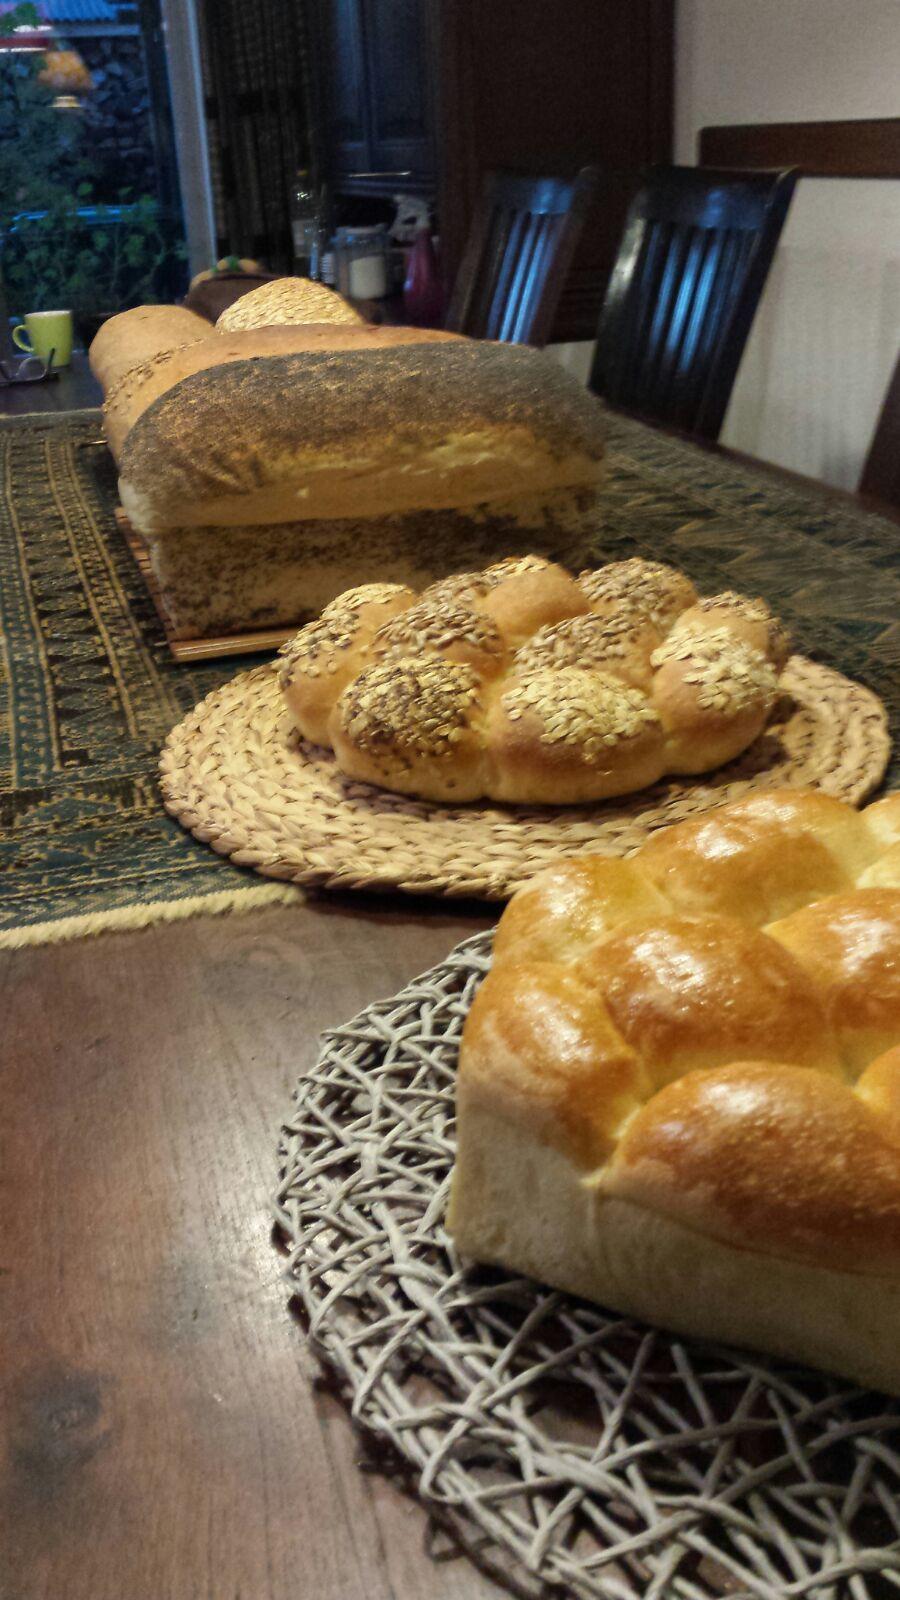 Eenvoudig leven broodhart for Eenvoudig leven